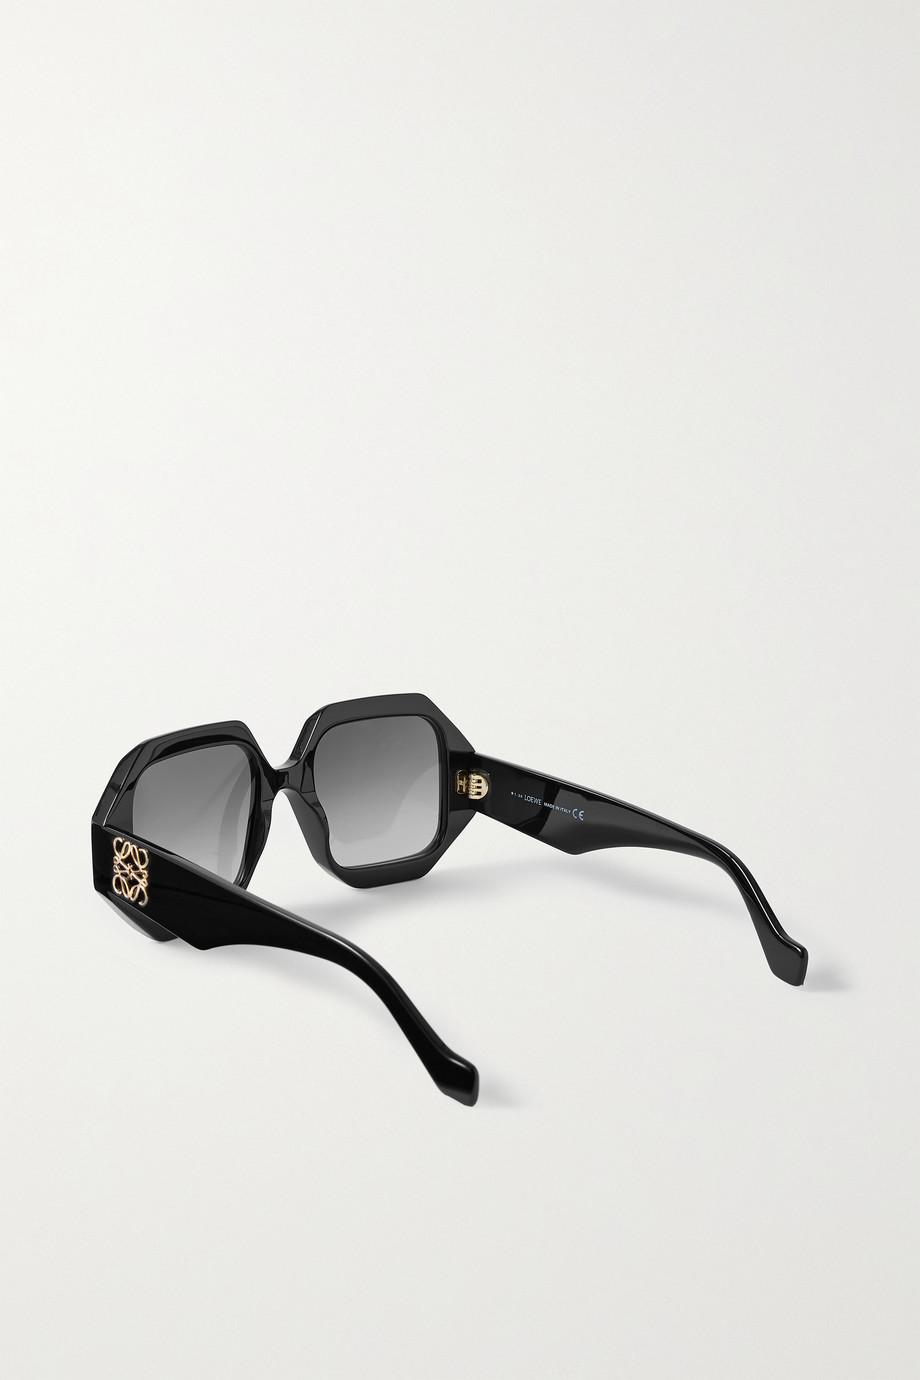 Loewe Sonnenbrille mit achteckigem Rahmen aus Azetat